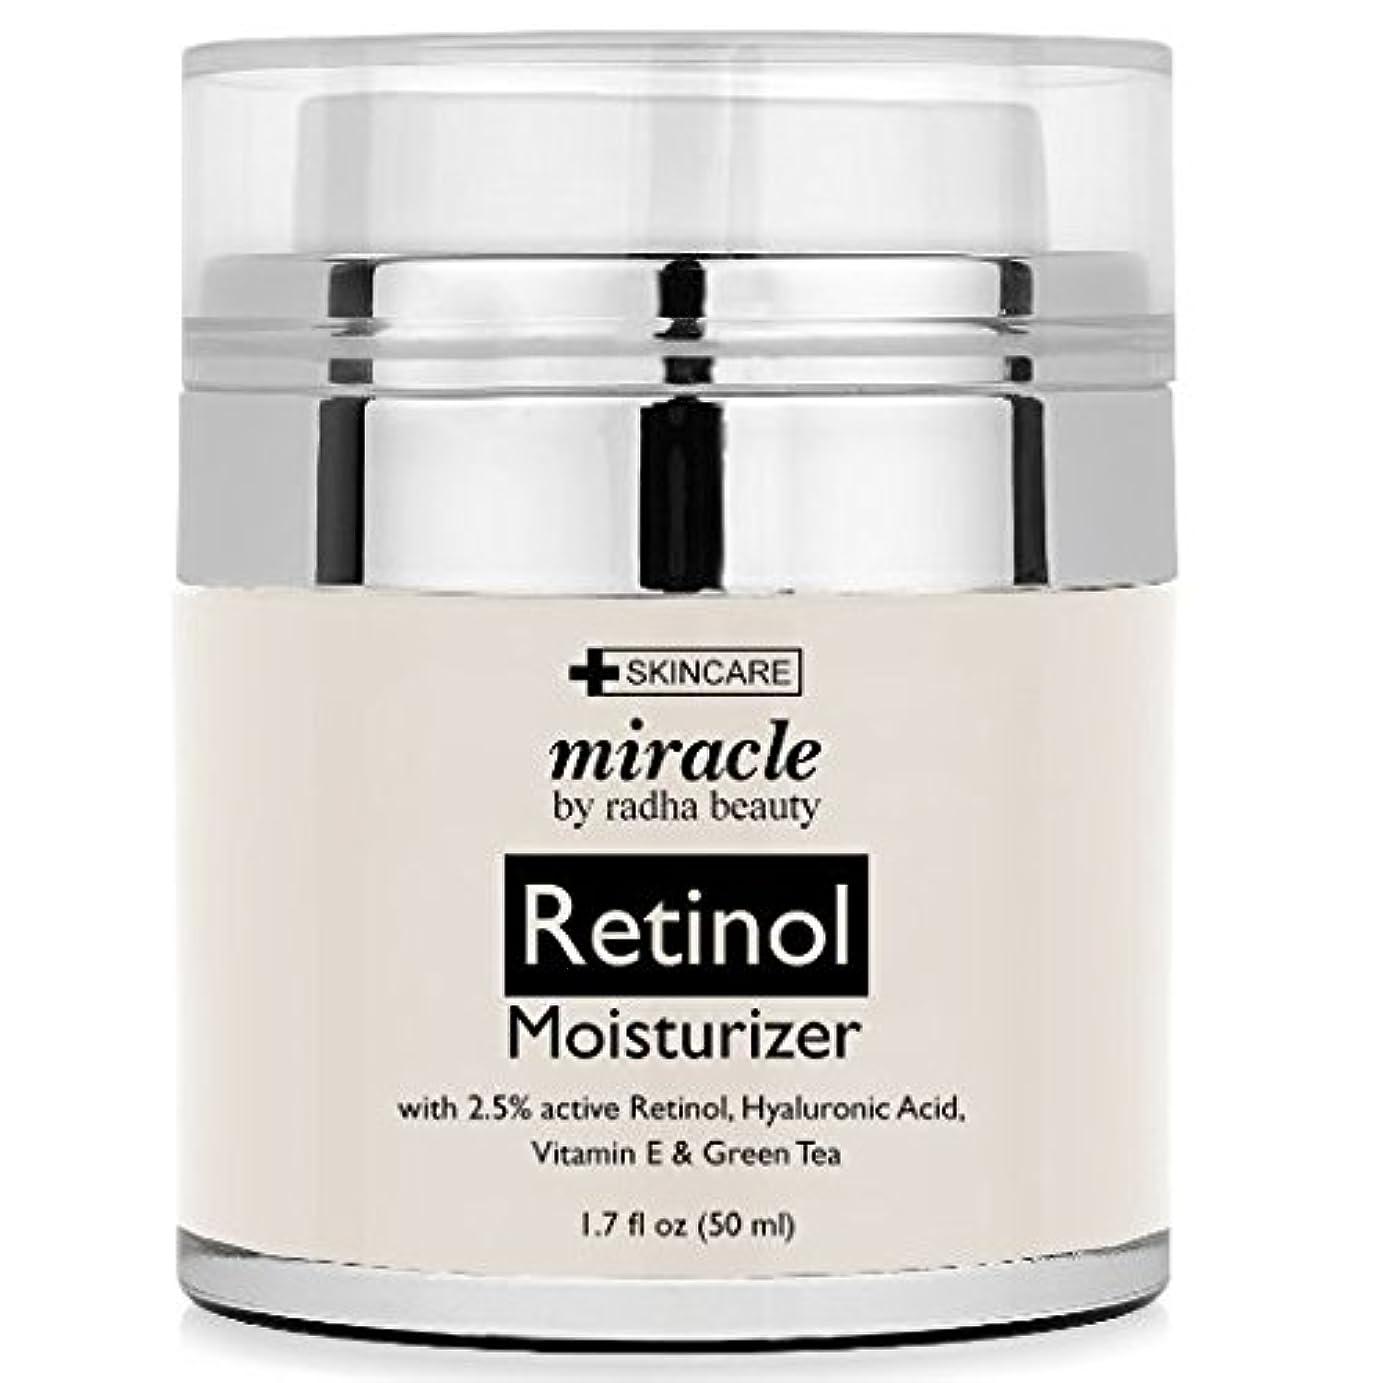 レチノール 保湿クリーム Retinol Moisturizer Cream for Face - With Retinol, Hyaluronic Acid, Tea Tree Oil and Jojoba Oil、 ...